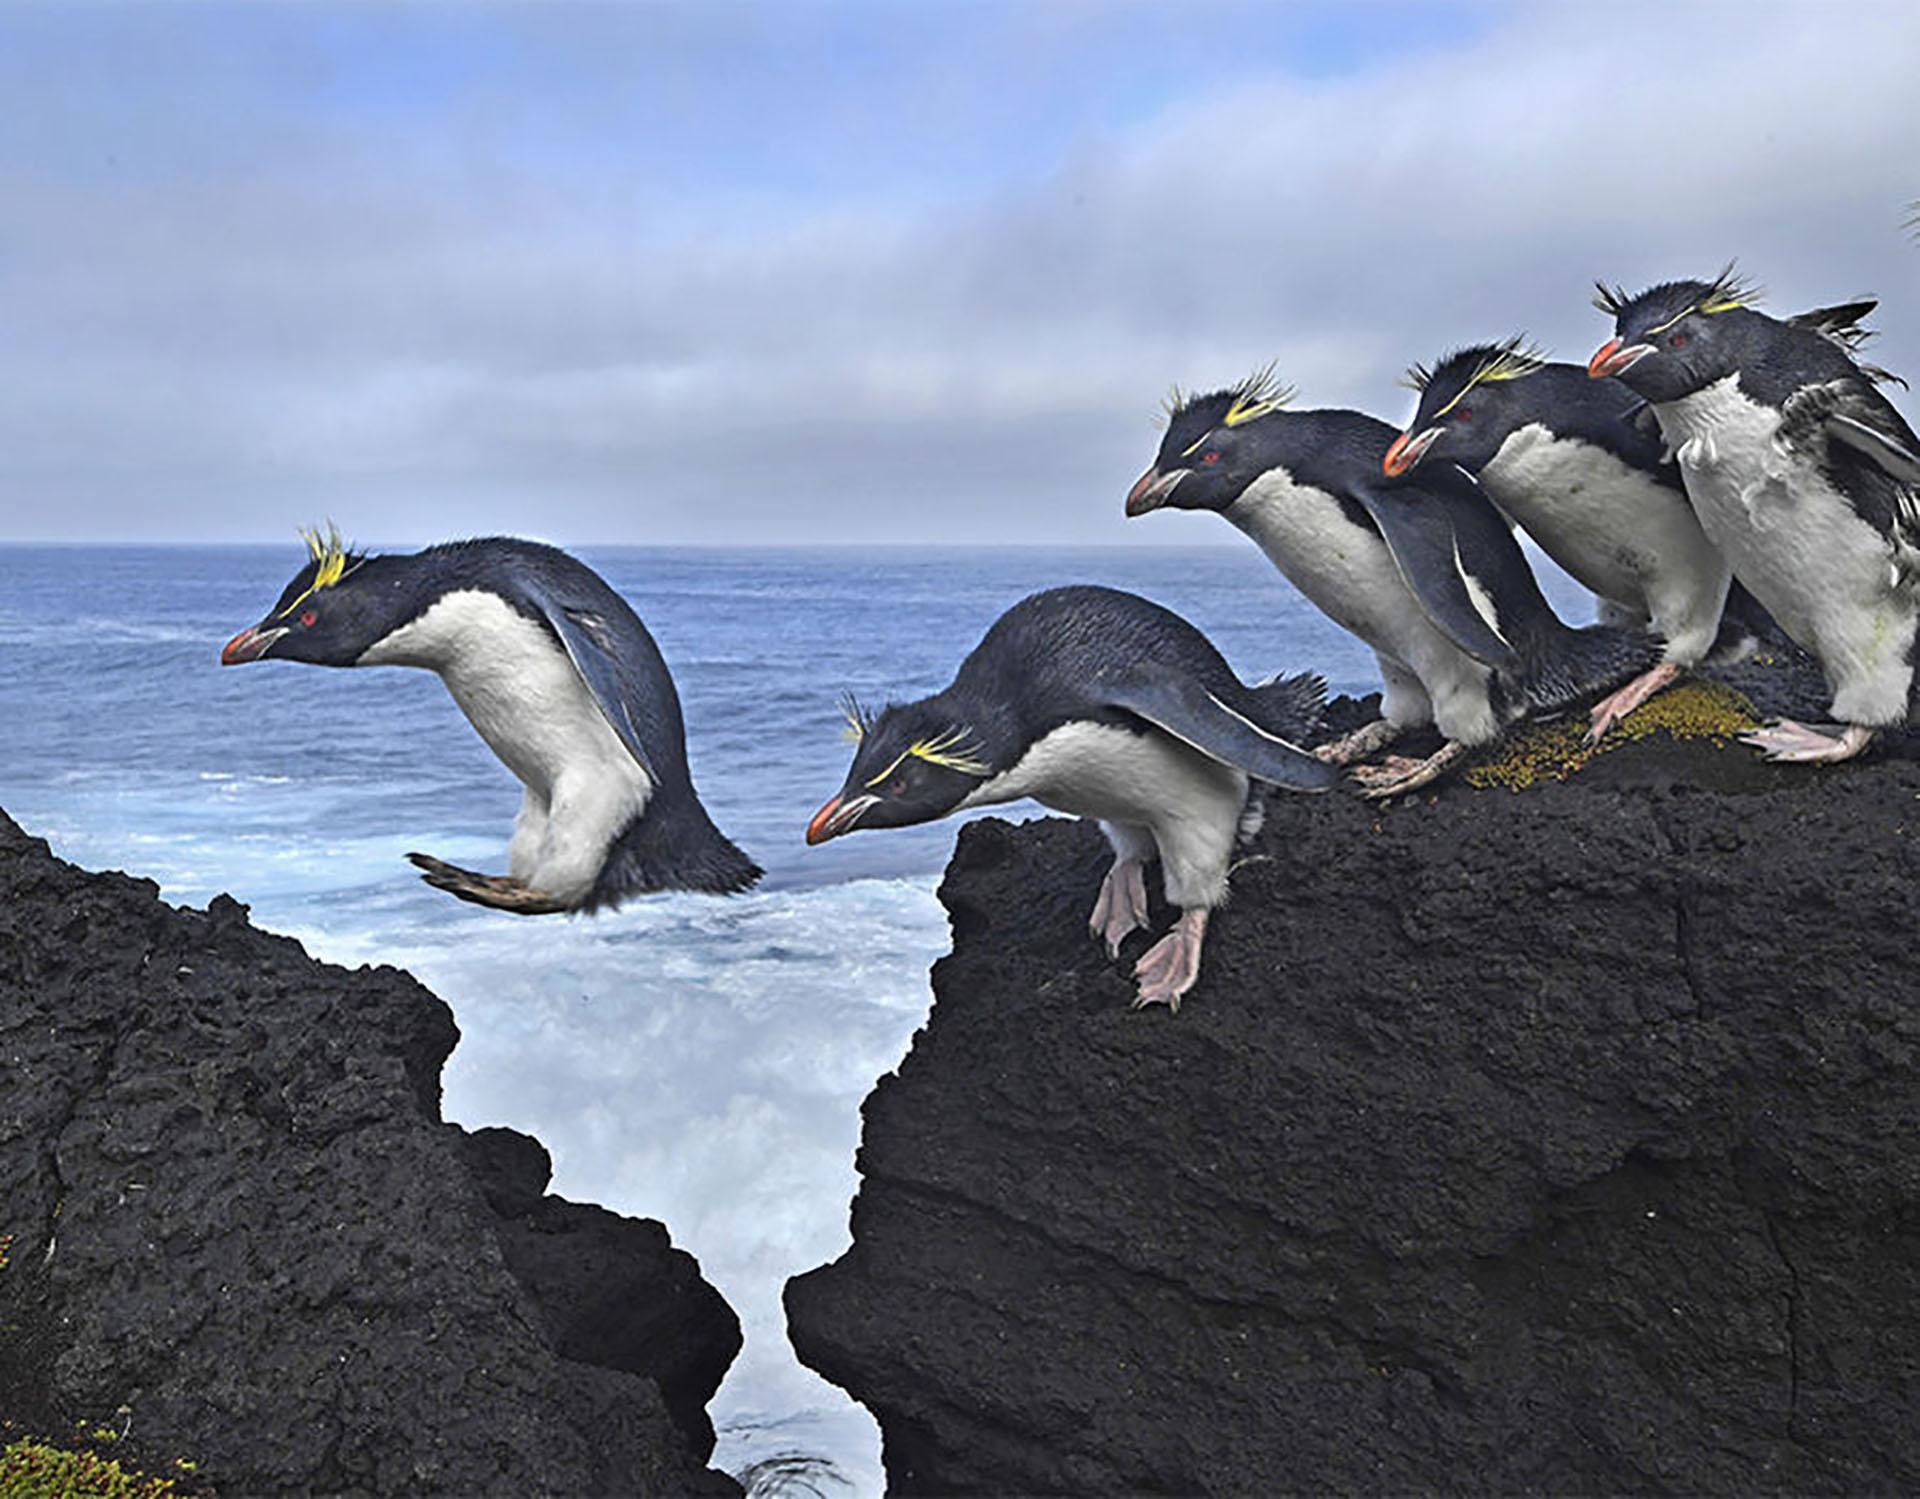 Galapagos: Rocking the Cradle – Galápagos: meciendo la cunaCuatro grandes corrientes oceánicas convergen a lo largo del archipiélago de Galápagos, creando las condiciones para una extraordinaria diversidad de vida animal. (Thomas P. Peschak, Alemania)